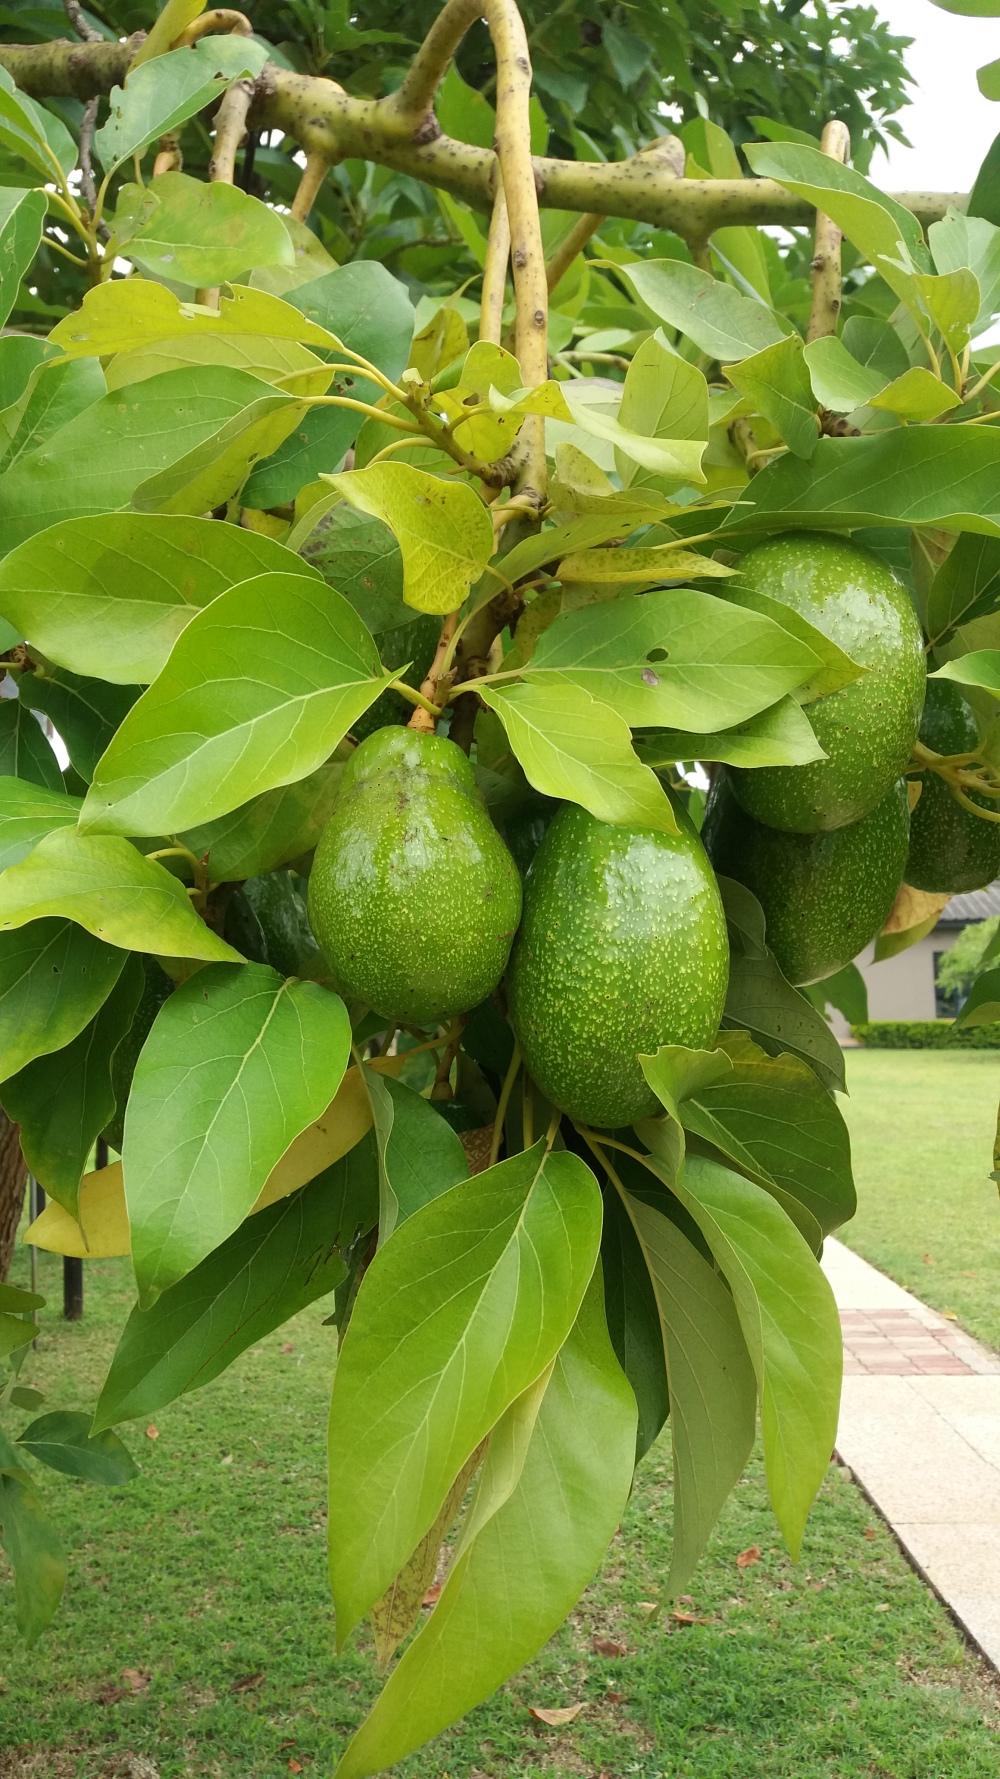 avocado-tree-green